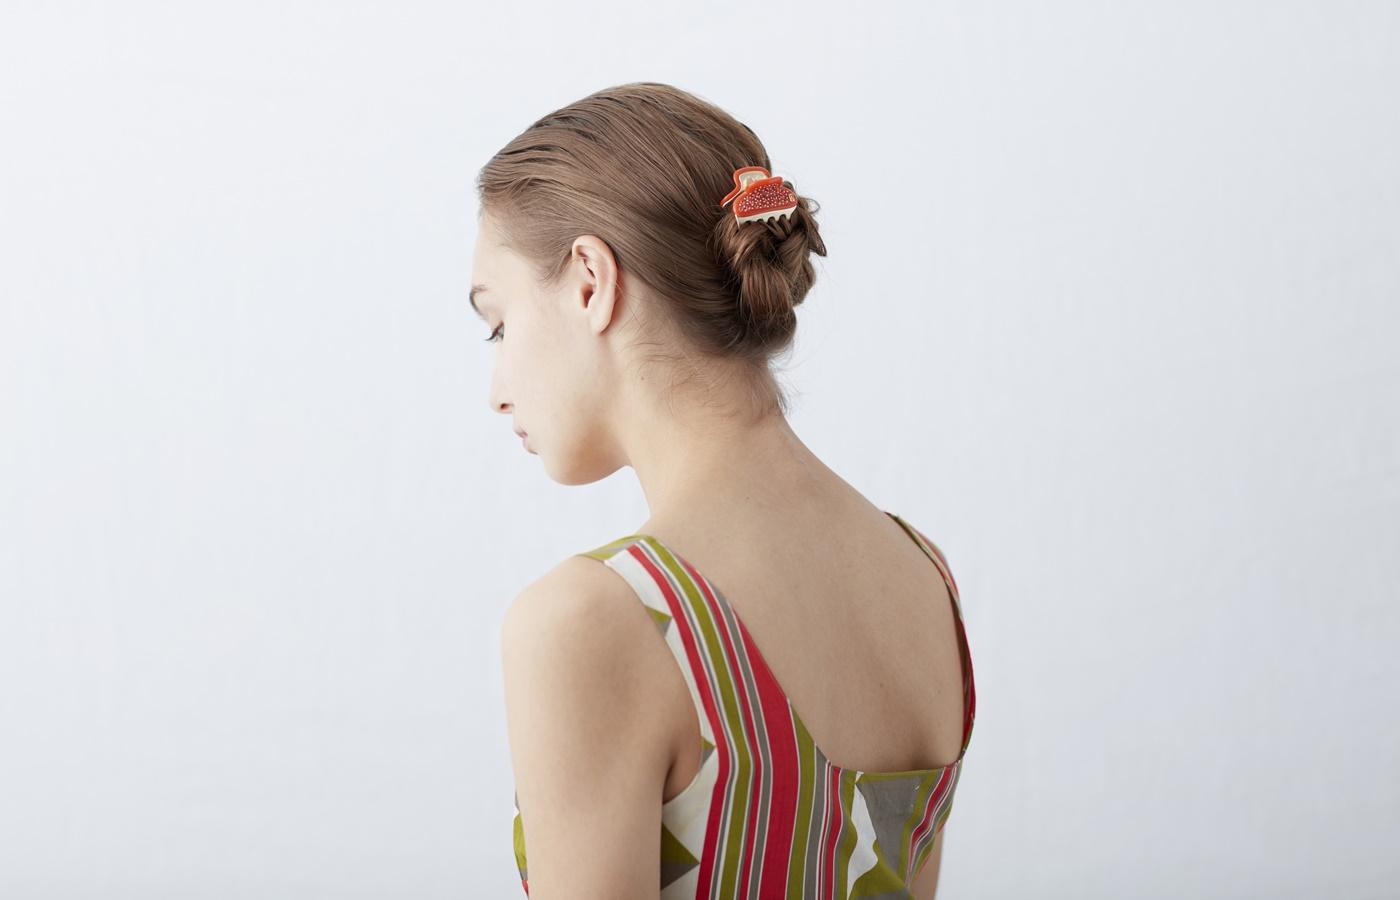 髪はエレガントにまとめたい。〈アレクサンドル ドゥ パリ〉のおすすめヘアアクセ3